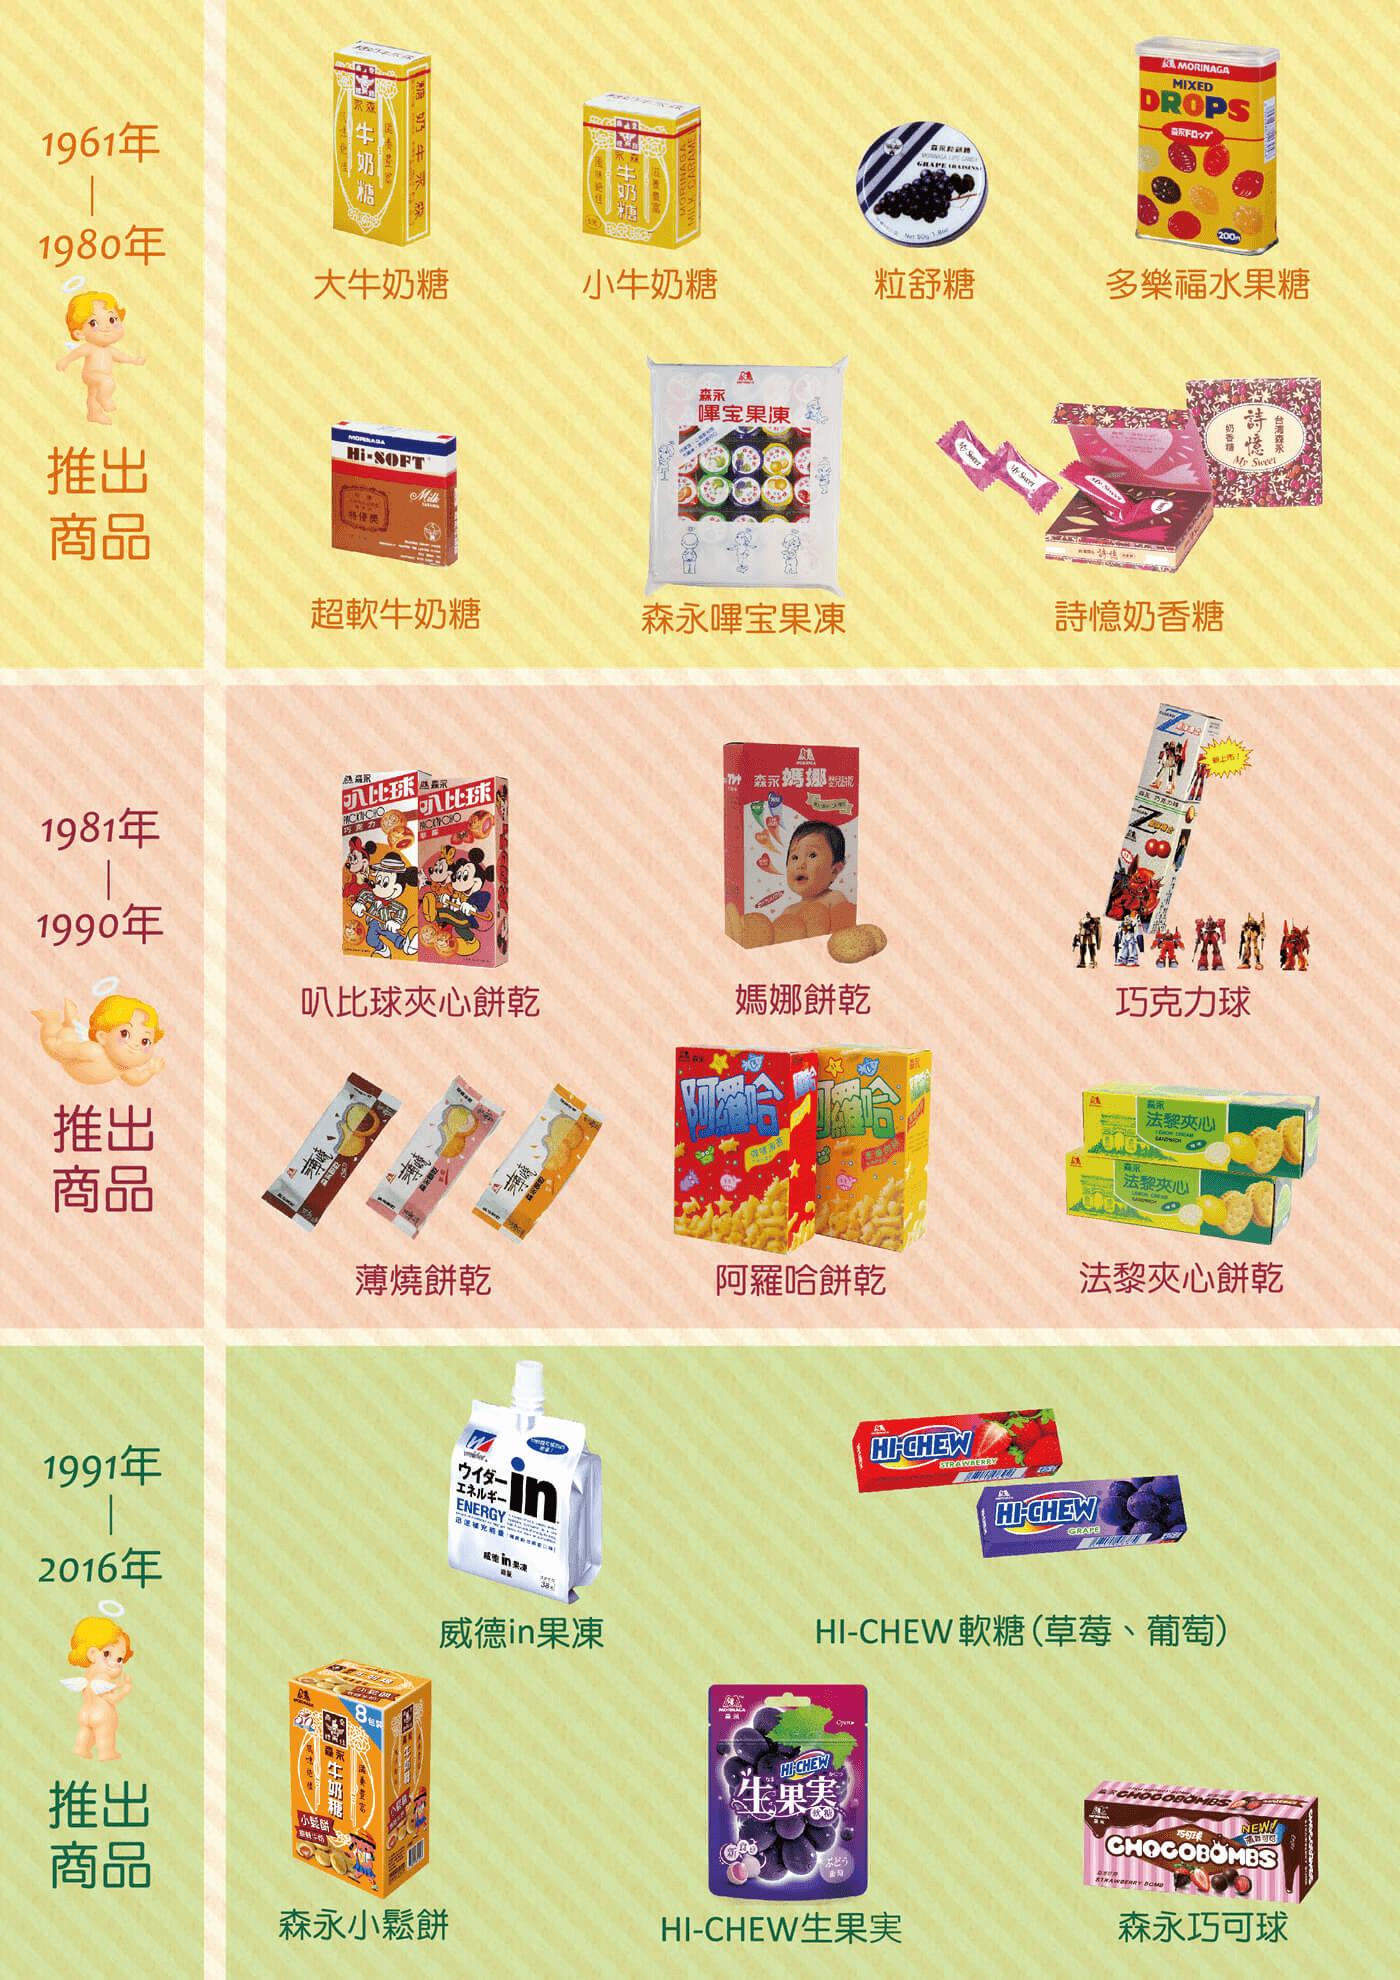 台灣森永歷年代表產品